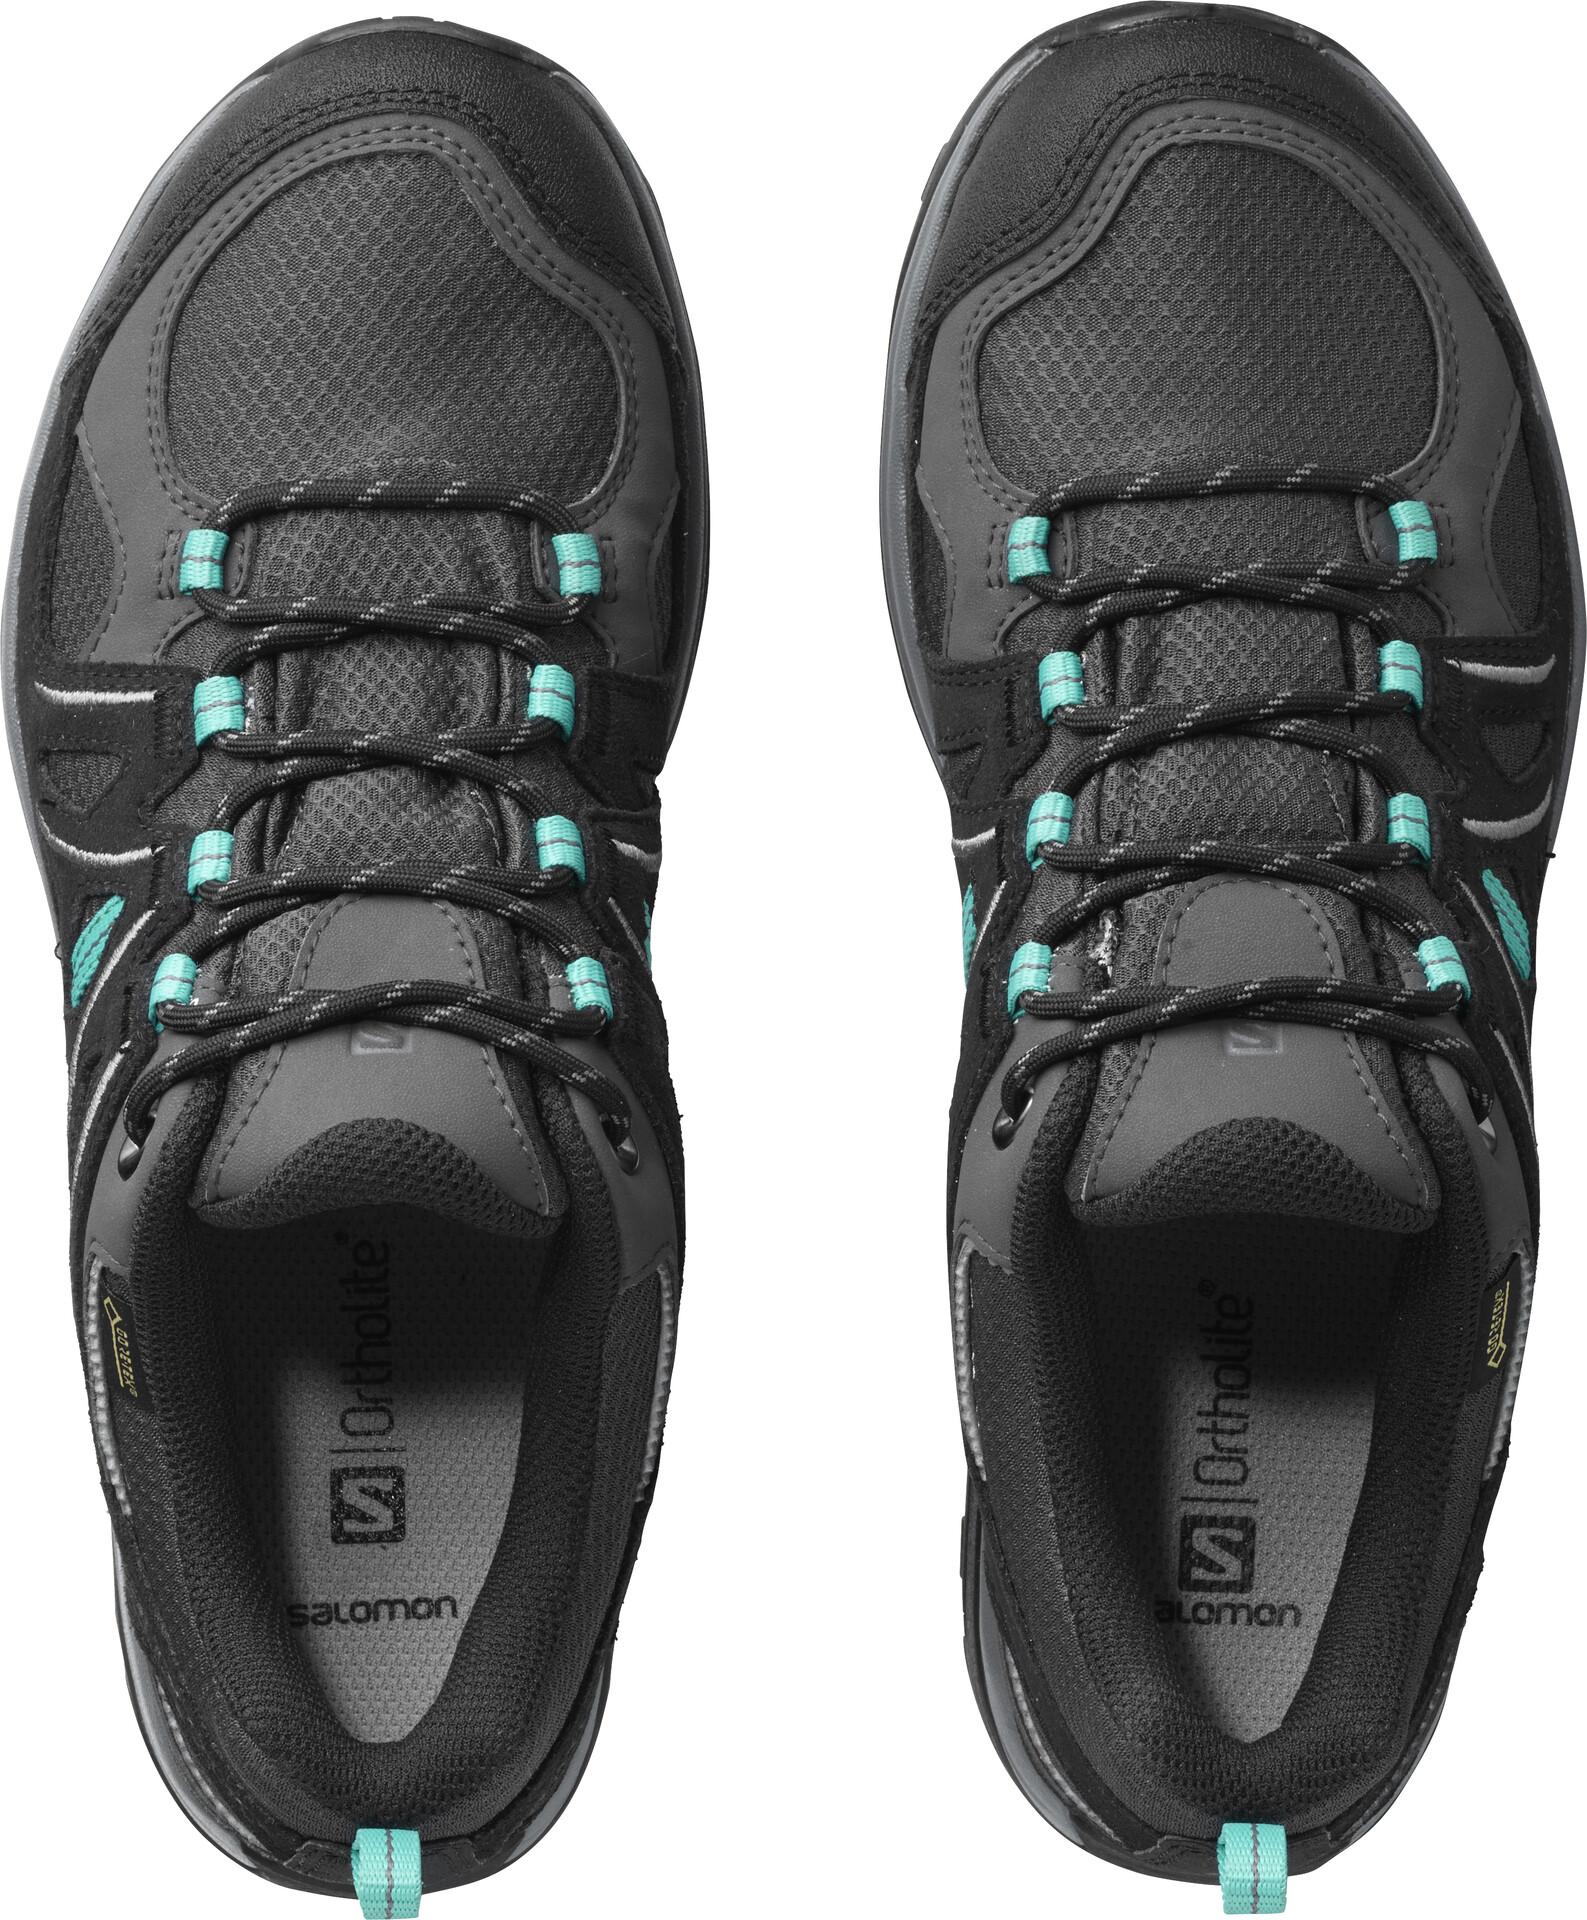 Salomon Ellipse 2 GTX Chaussures Femme, magnetblack